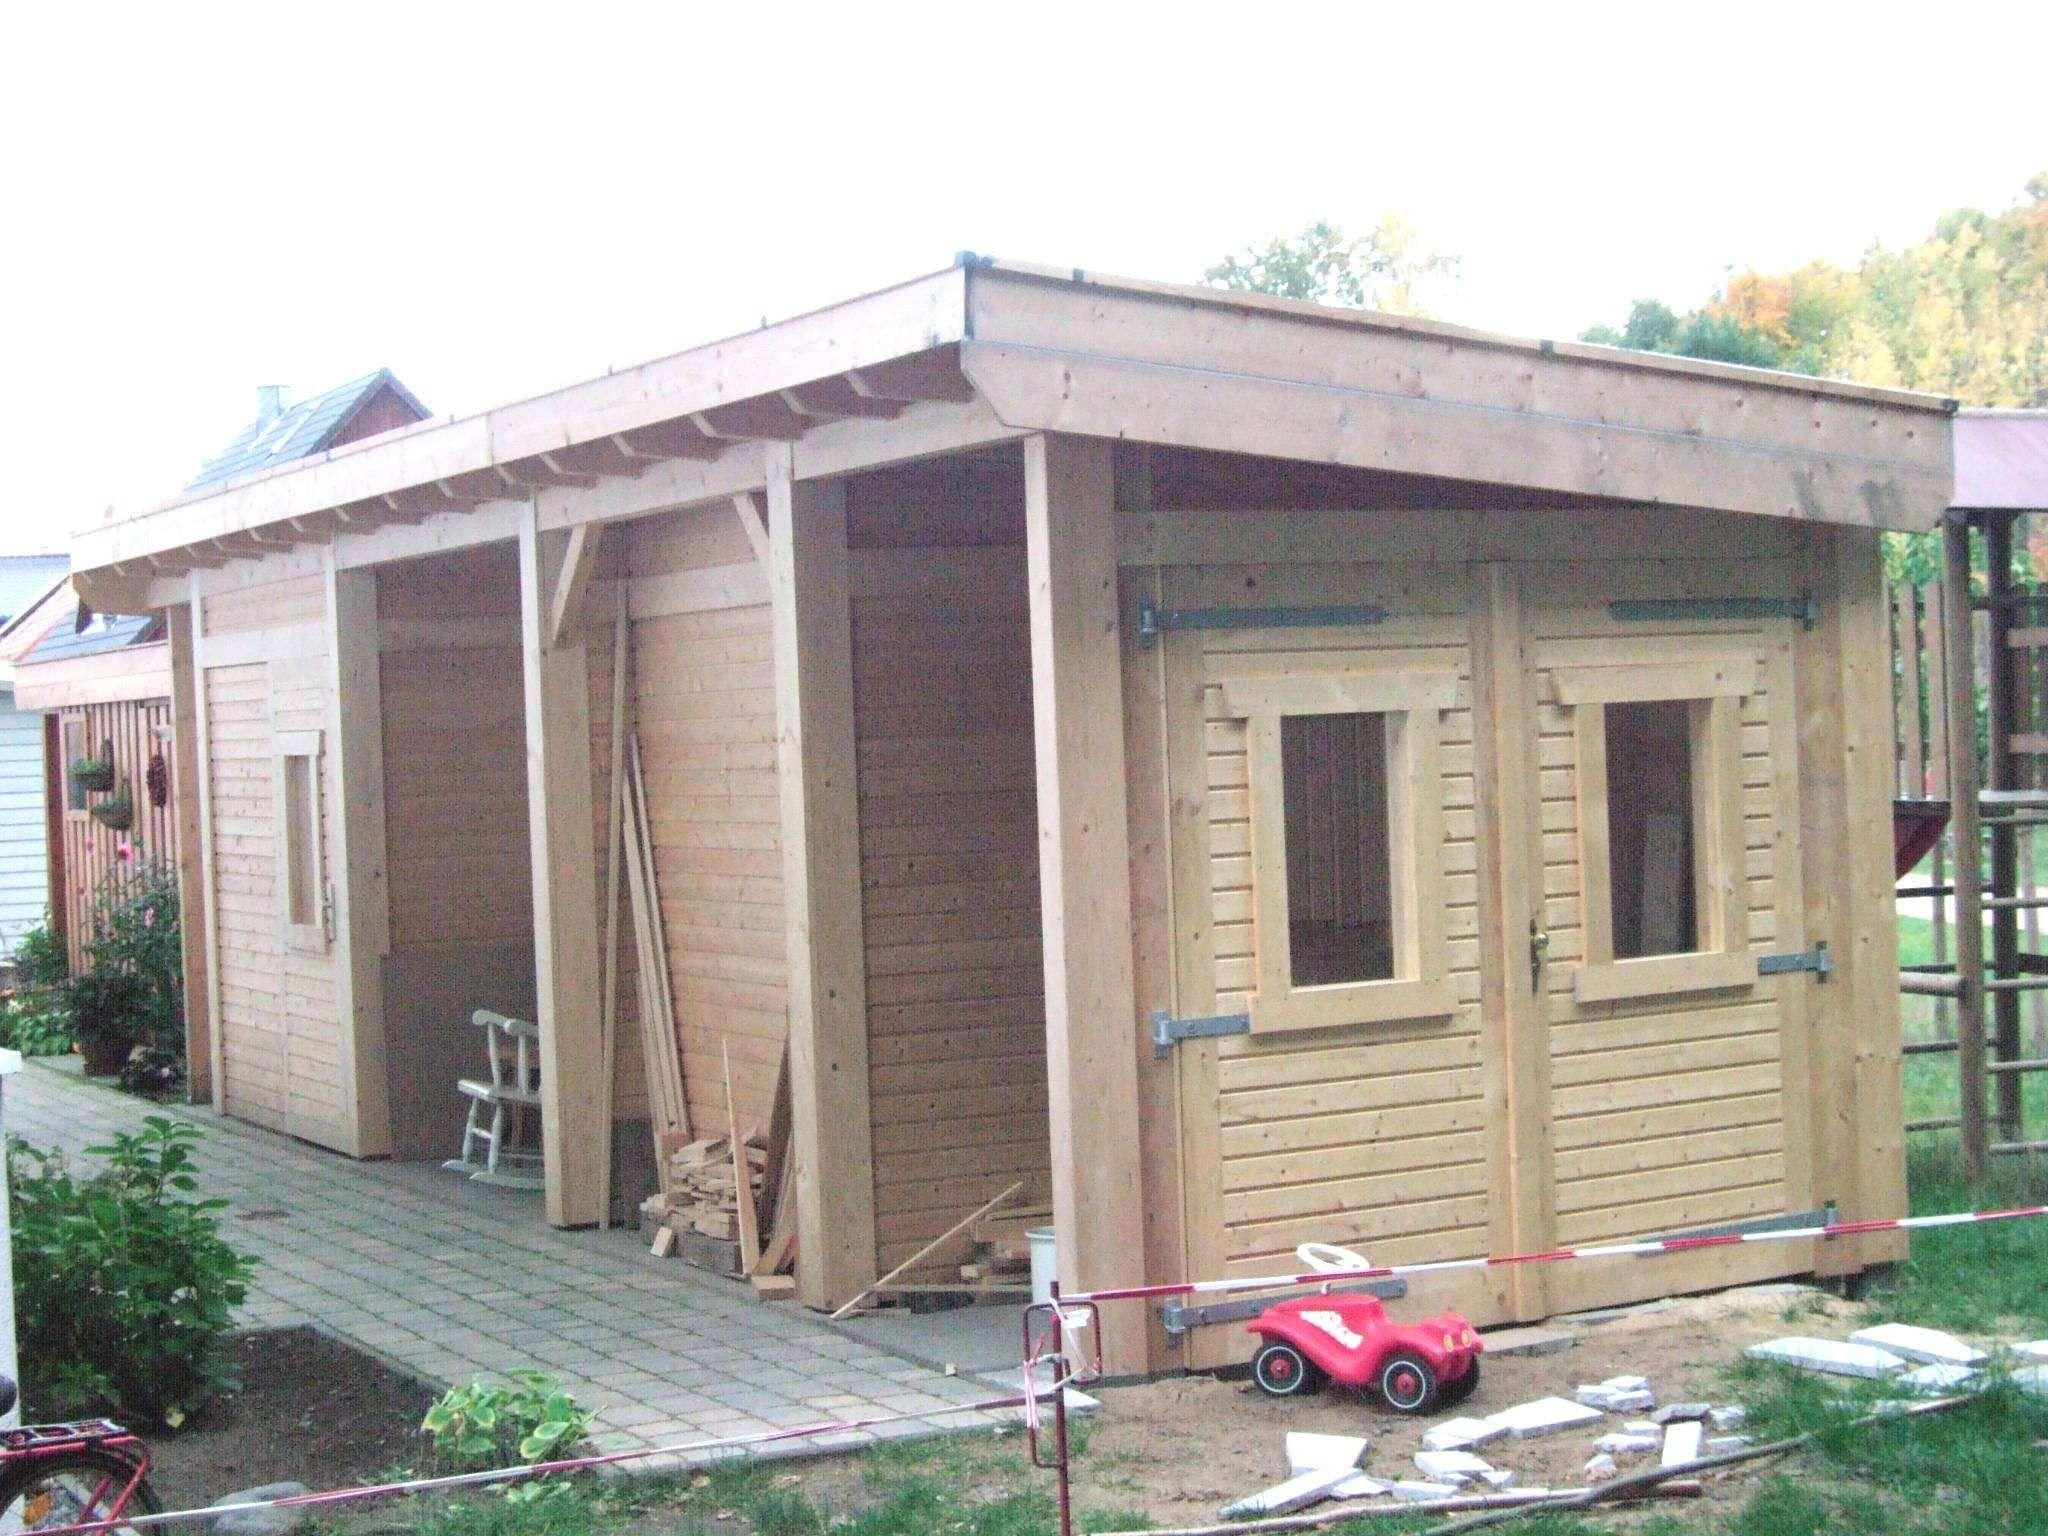 Oberteil 43 Zum Gartenhaus Pultdach Holz Check More At Https Www Estadoproperties Com Gartenhaus Pultd Gartenhaus Selber Bauen Gartenhaus Gartenhaus Pultdach